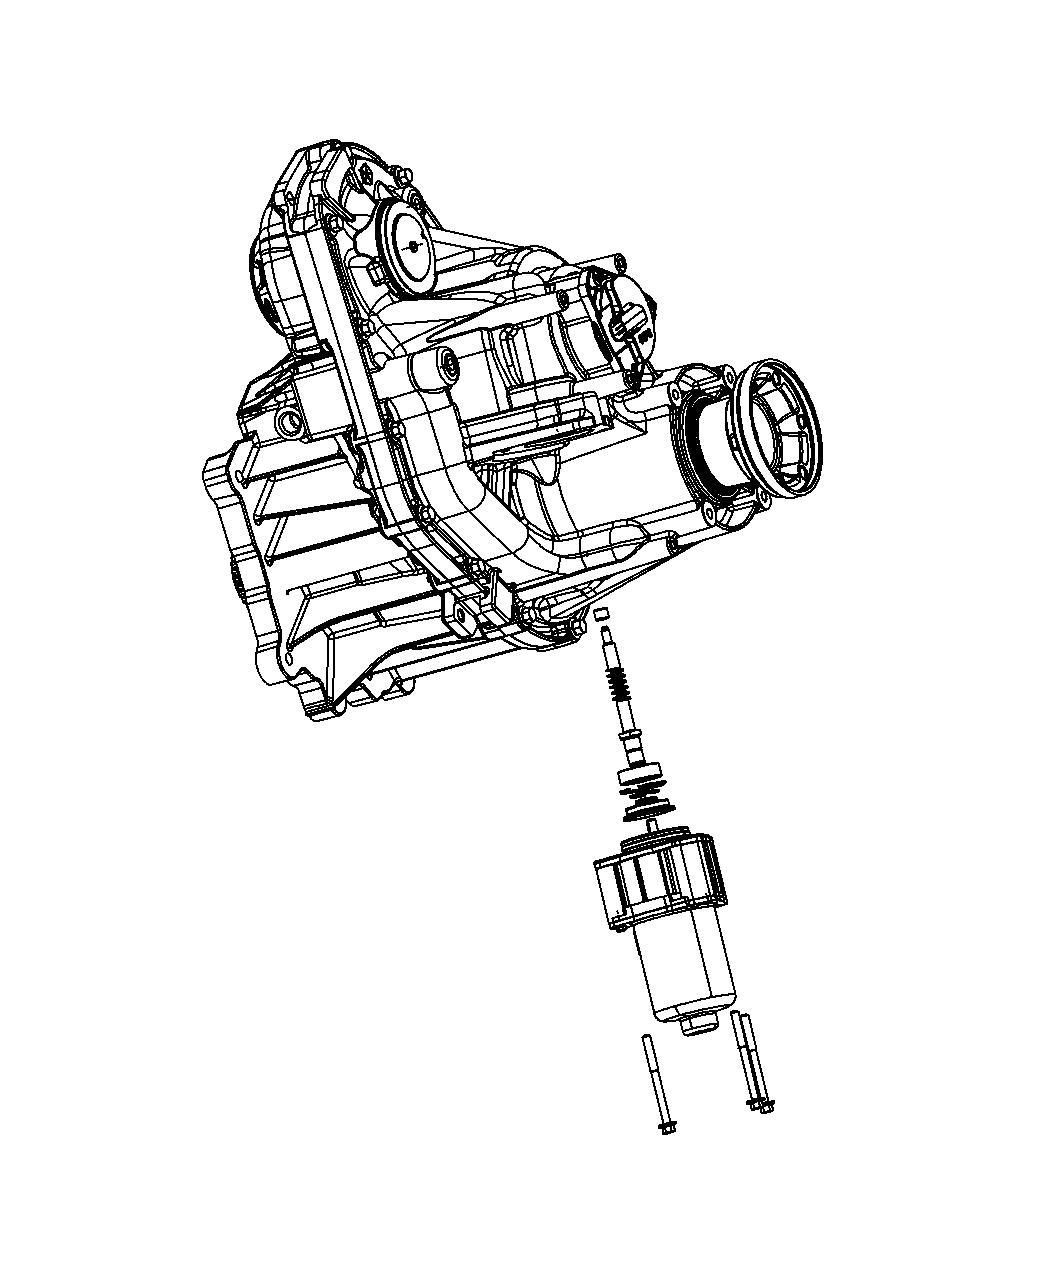 Jeep Grand Cherokee Gear Motor Transfer Case